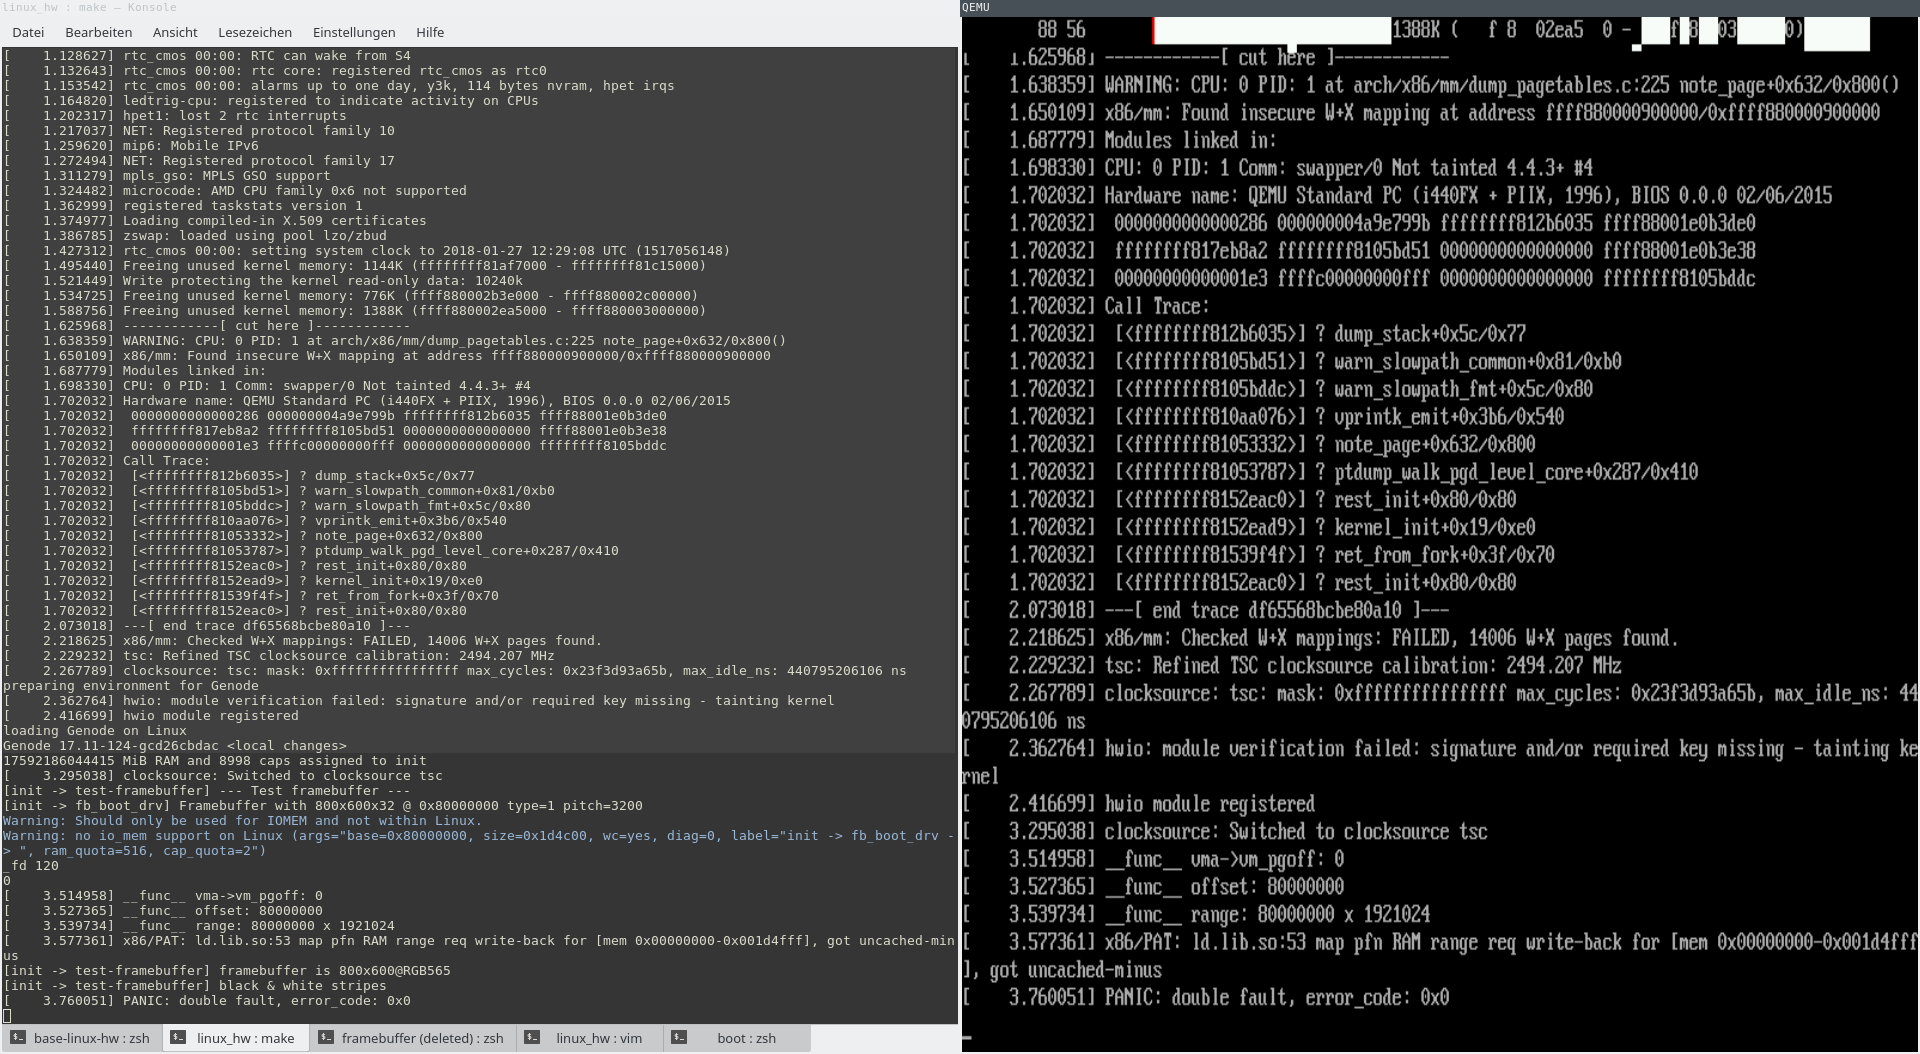 Enable IO_MEM session · Issue #6 · jklmnn/base-linux-hw · GitHub